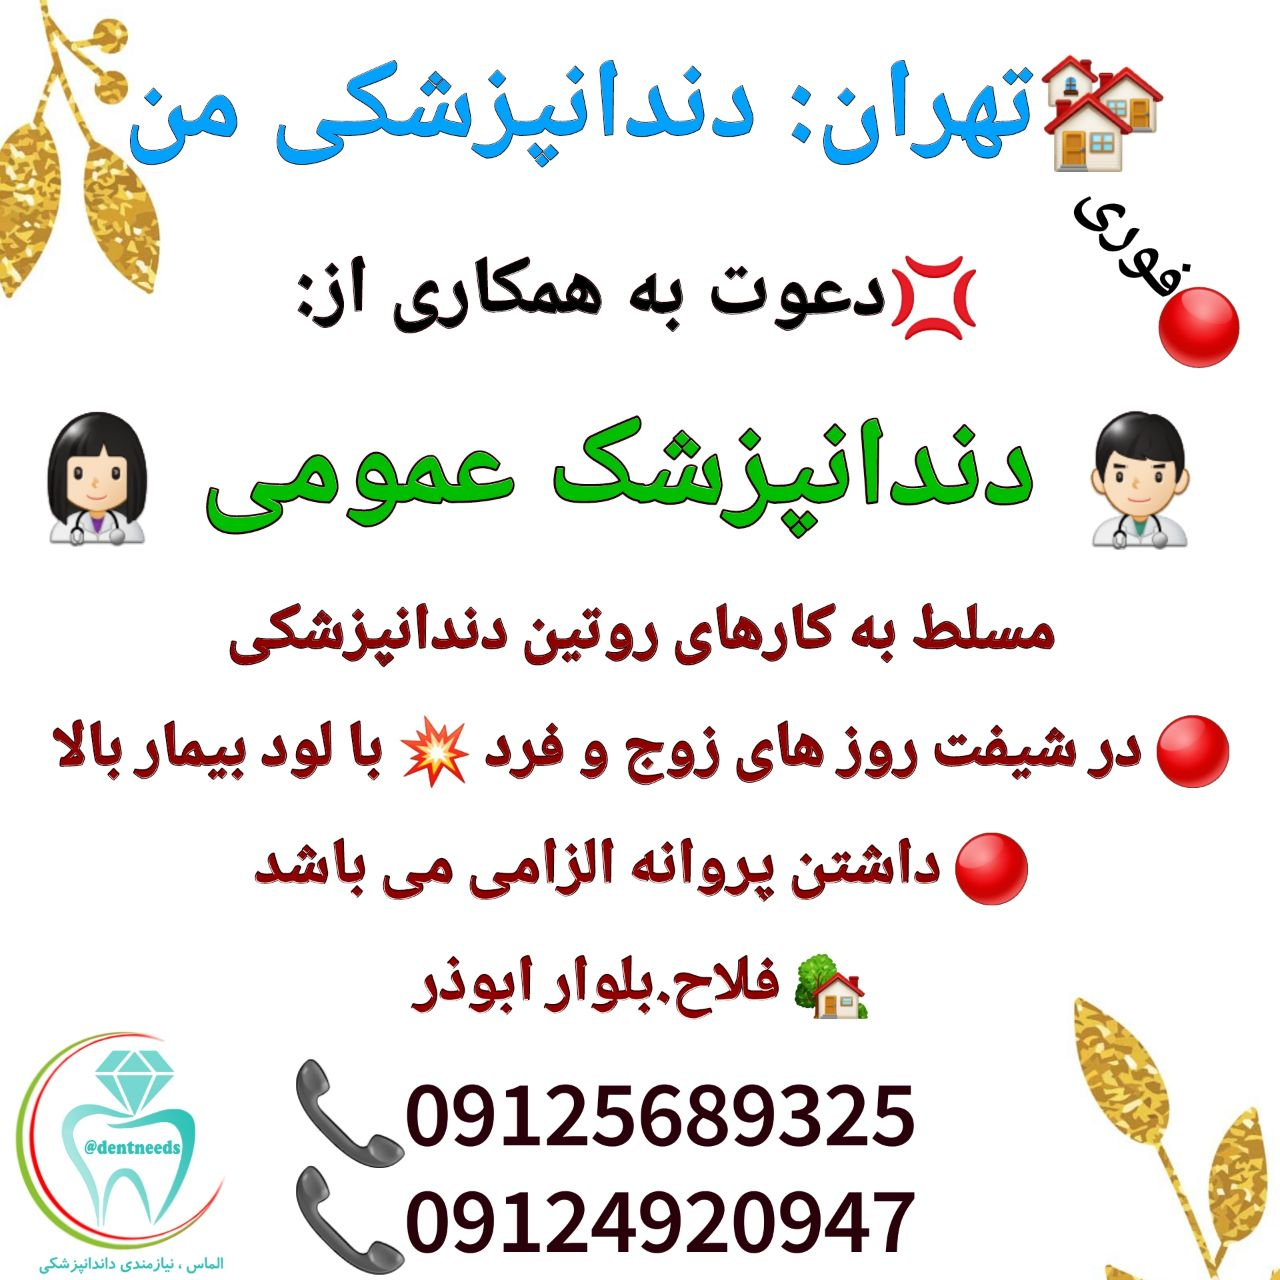 تهران: دندانپزشکی من، نیاز به دندانپزشک عمومی